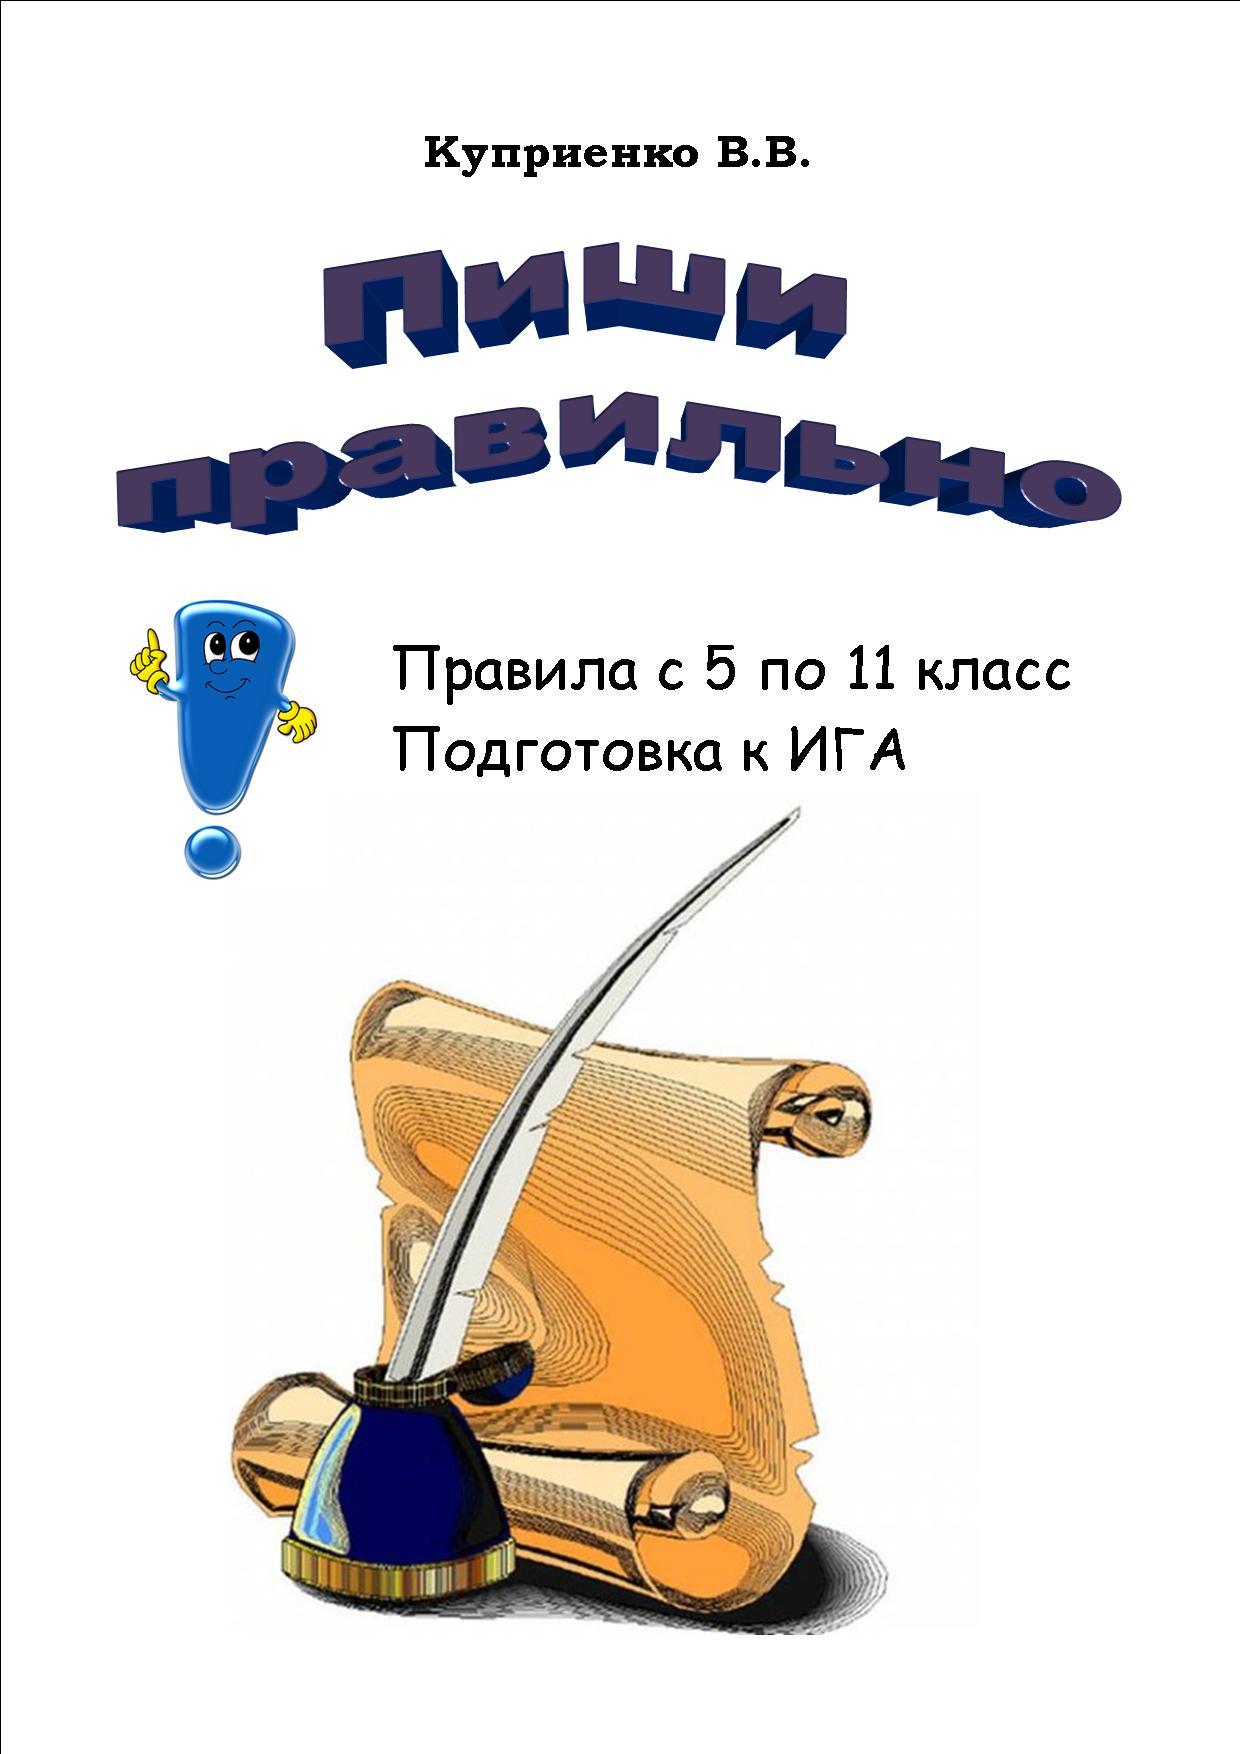 справочник по обществознанию 2014 баранова pdf